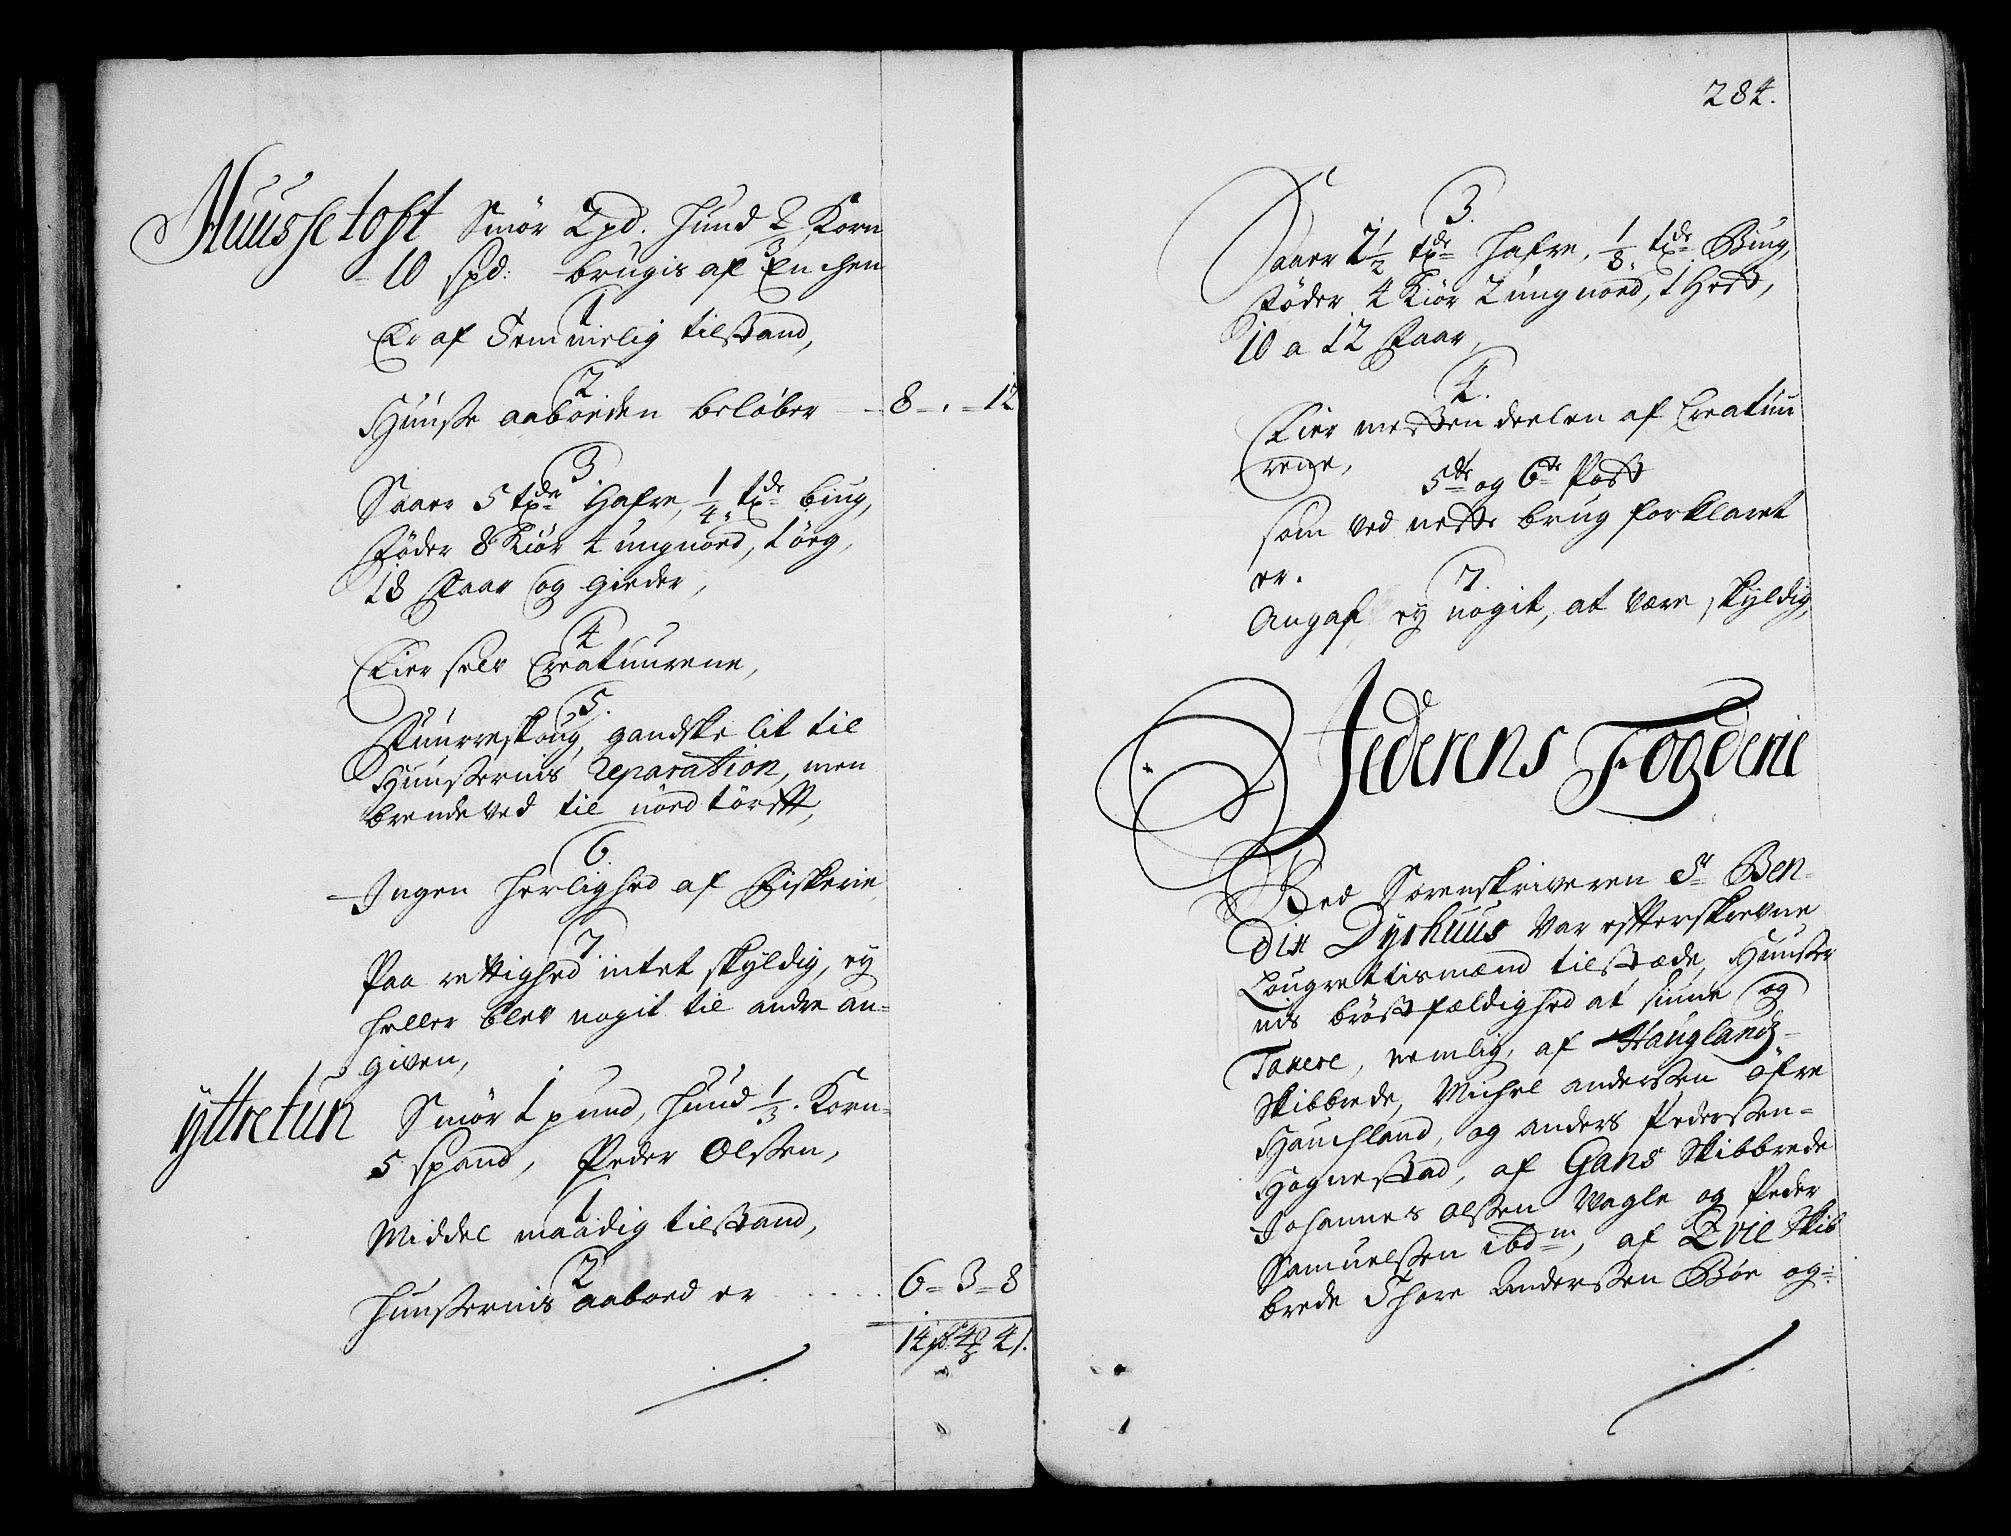 RA, Rentekammeret inntil 1814, Realistisk ordnet avdeling, On/L0003: [Jj 4]: Kommisjonsforretning over Vilhelm Hanssøns forpaktning av Halsnøy klosters gods, 1712-1722, s. 283b-284a